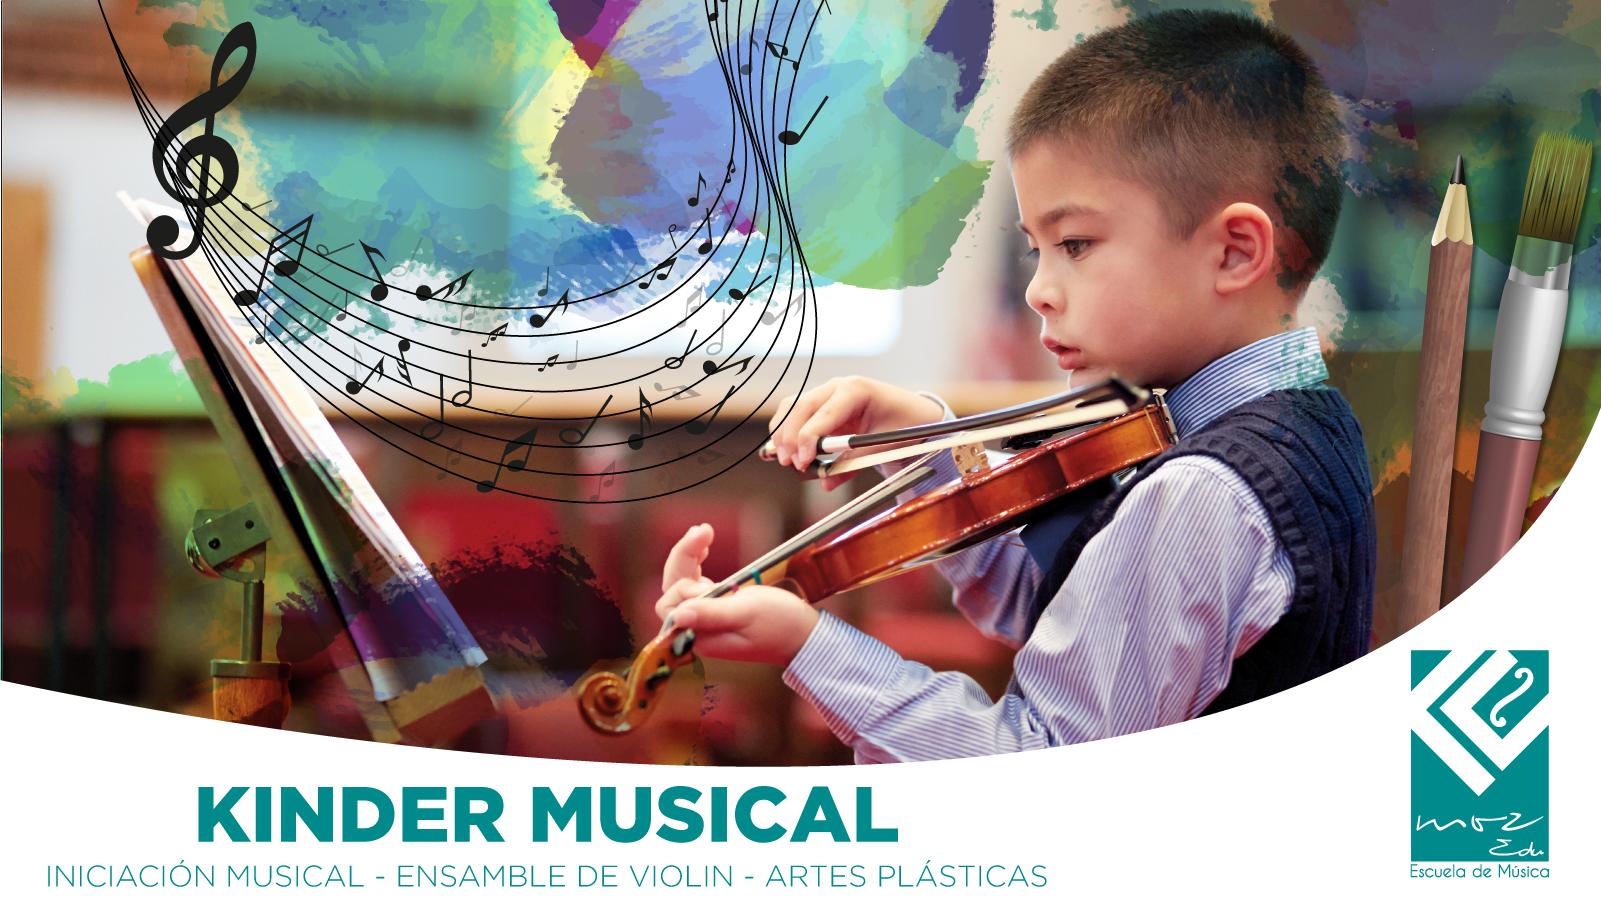 Kinder-Musical-Iniciación-Musical-banner-web